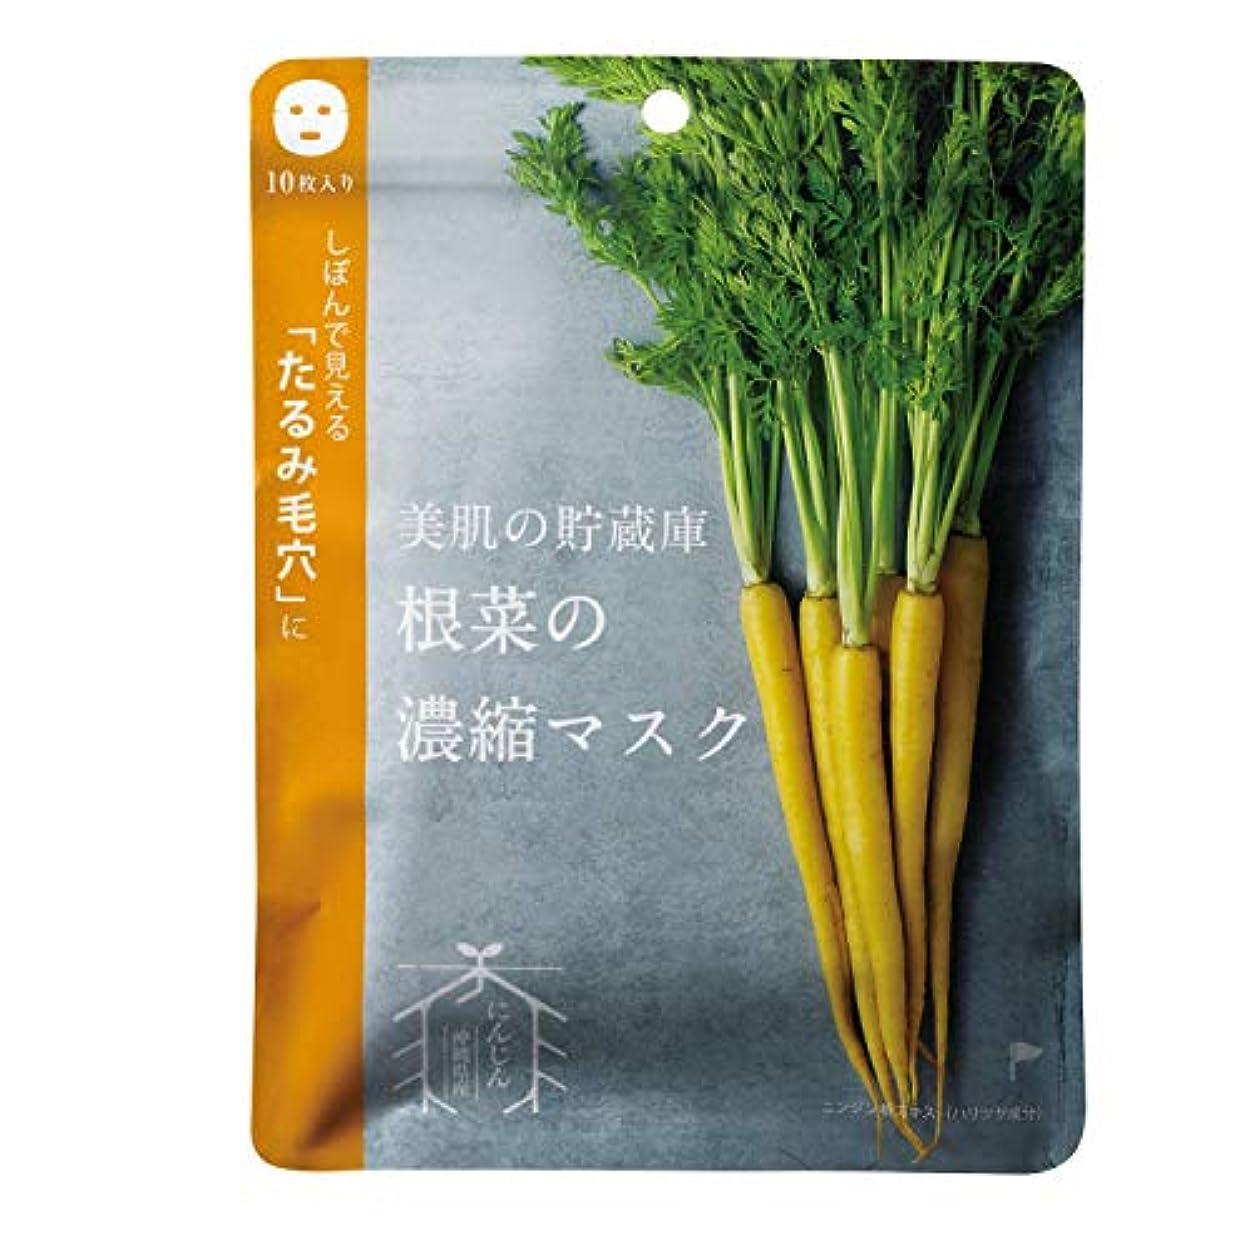 マイナス教育学パンサー@cosme nippon 美肌の貯蔵庫 根菜の濃縮マスク 島にんじん 10枚 160ml